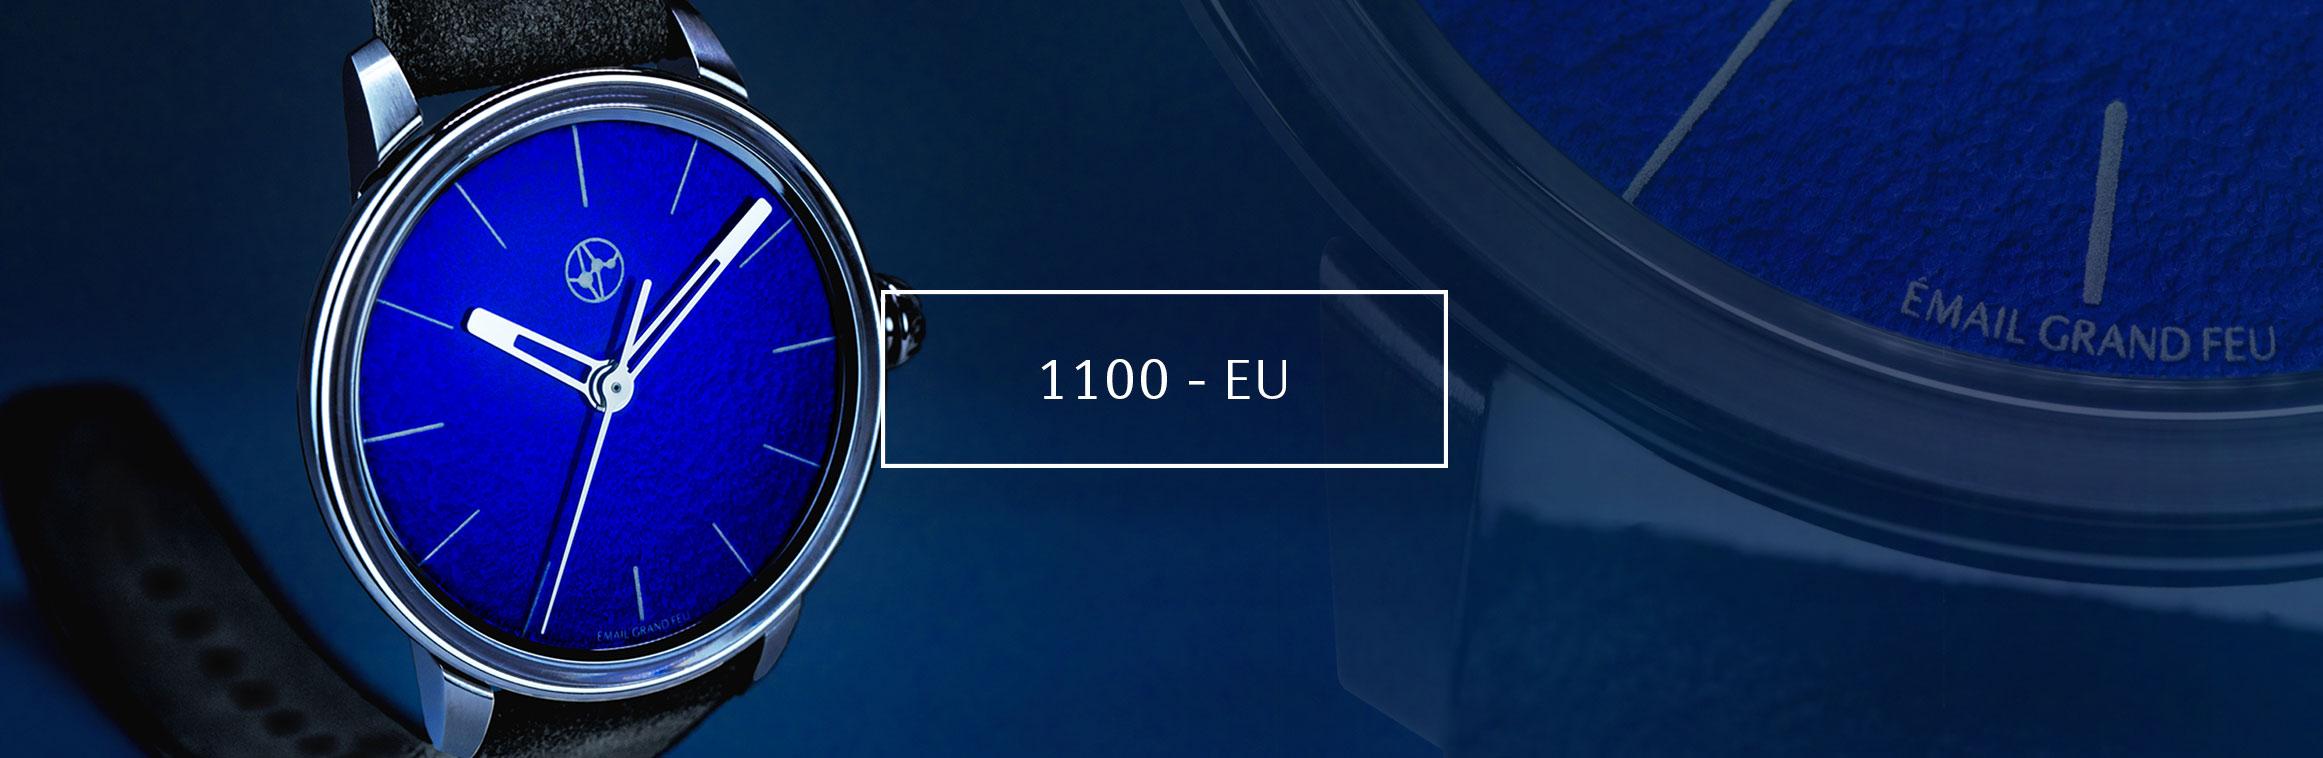 Shop 1100-EU